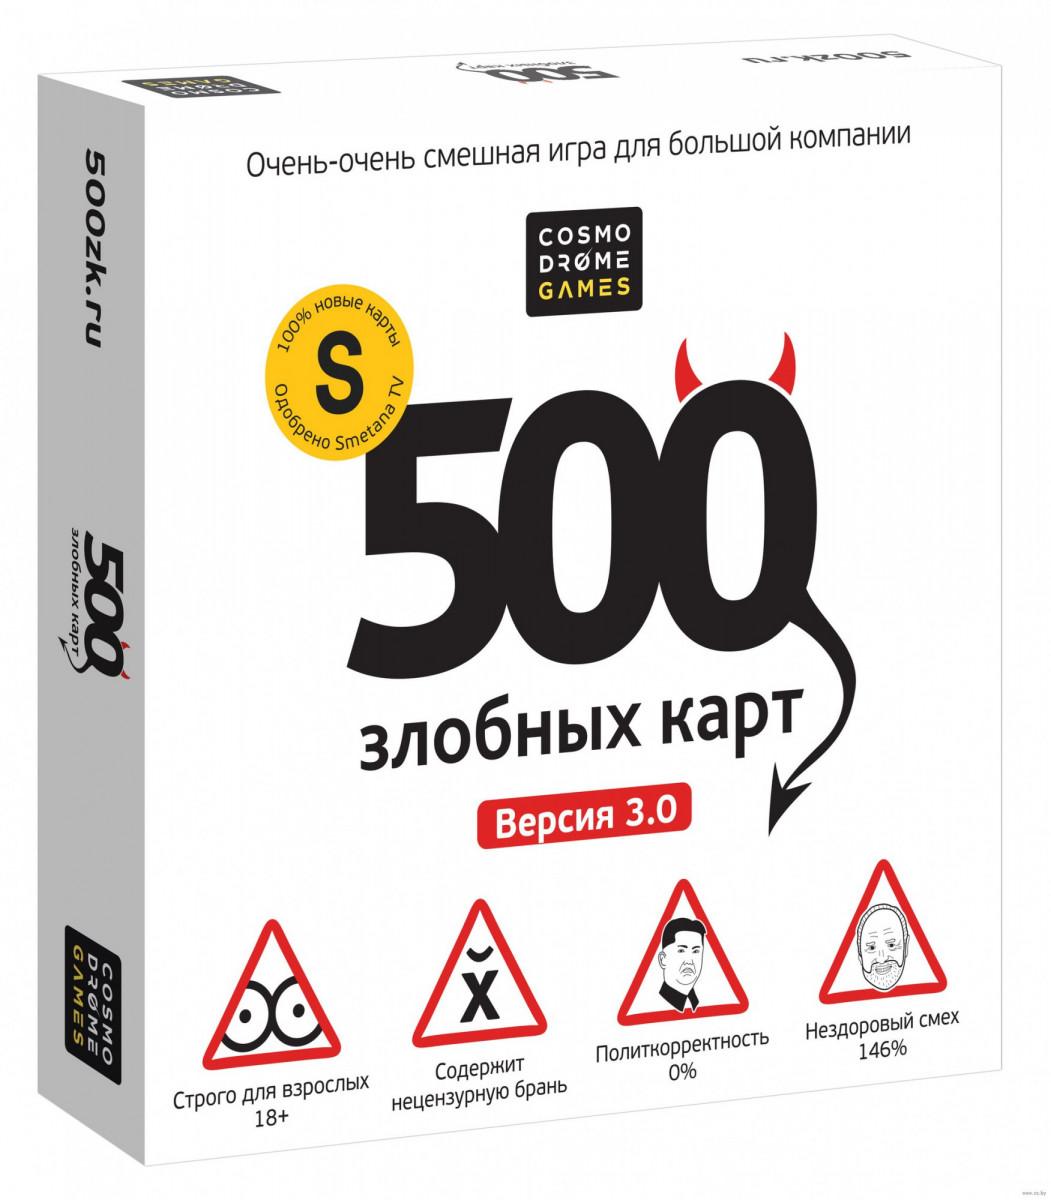 500 злобных карт онлайн играть самые большие выигрыши у казино смотреть